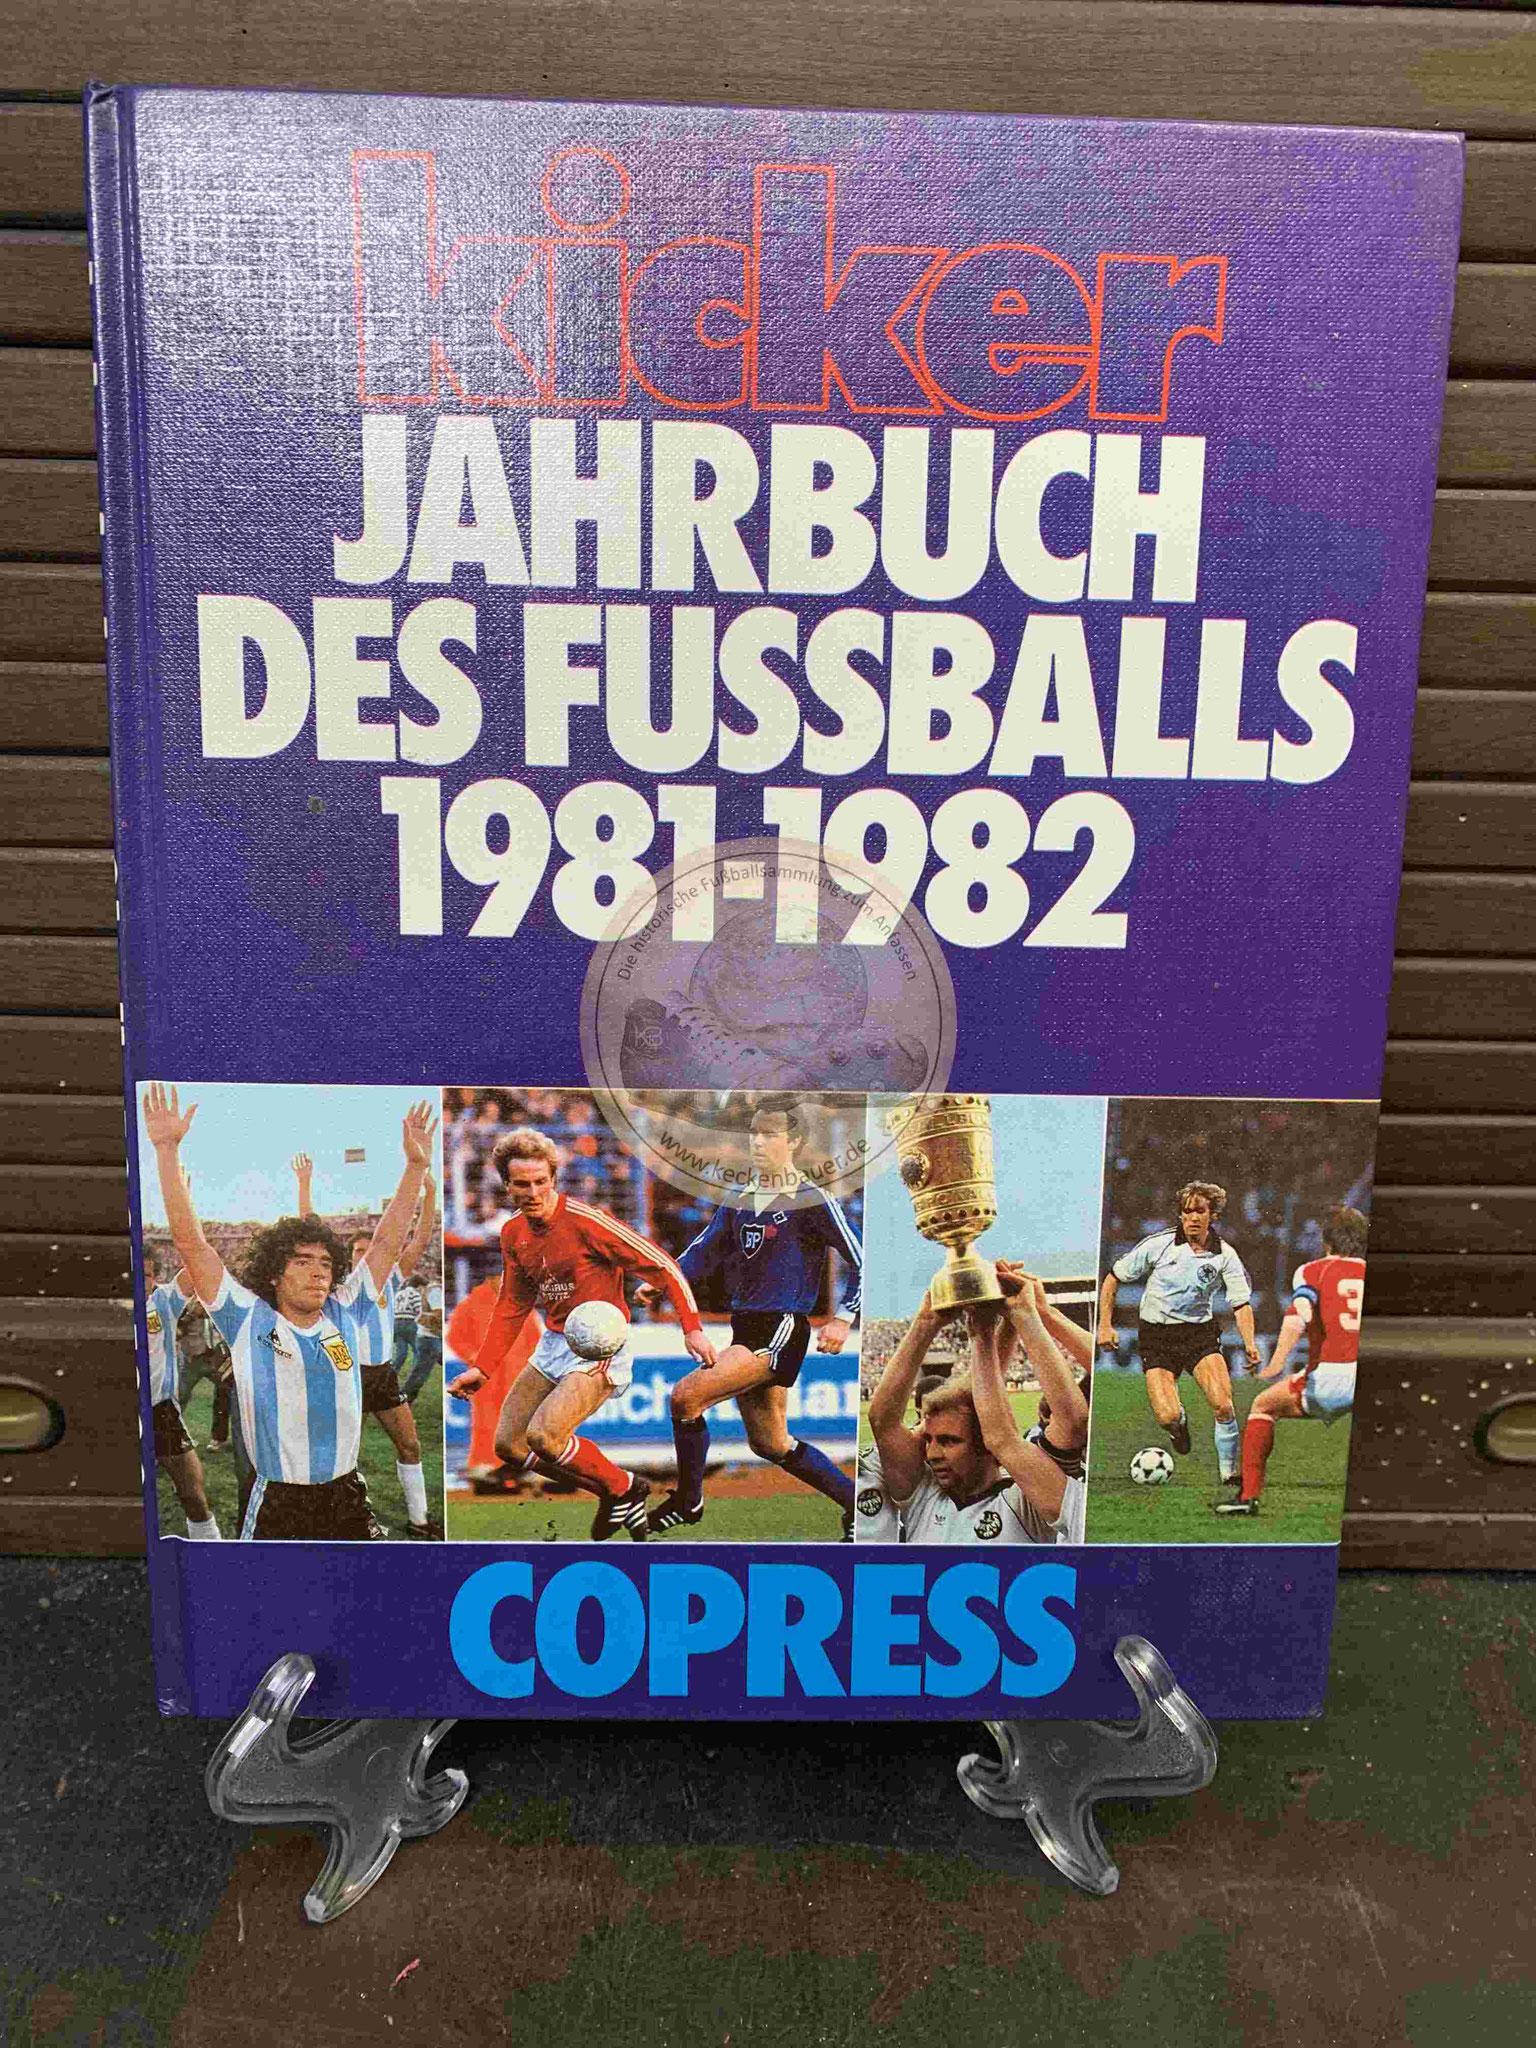 Kicker Jahrbuch des Fußballs 1981/1982 vom Copress Verlag.